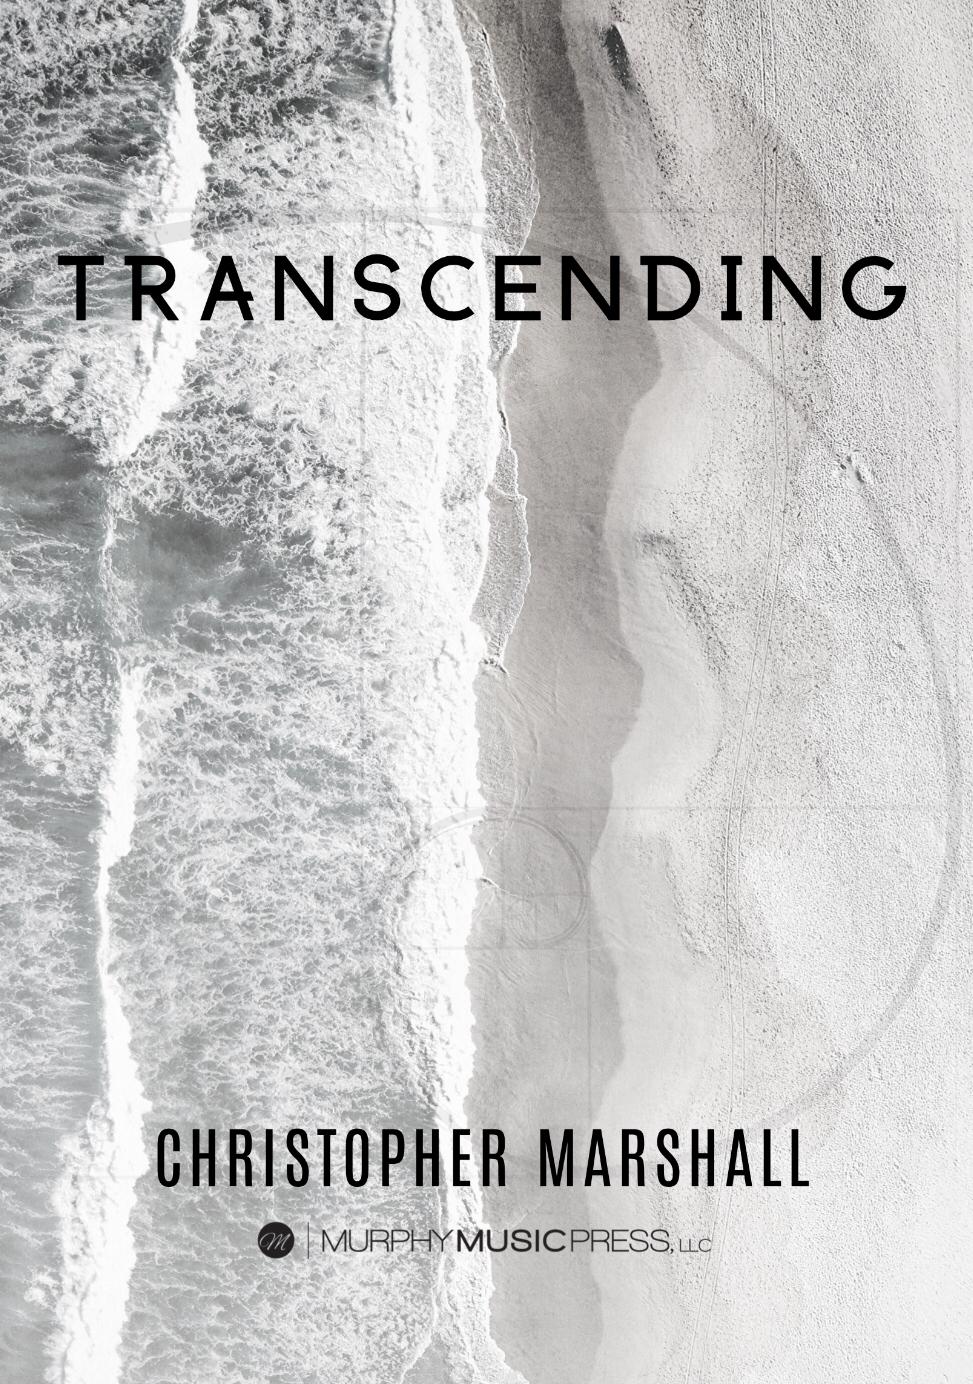 Transcending by Christopher Marshall